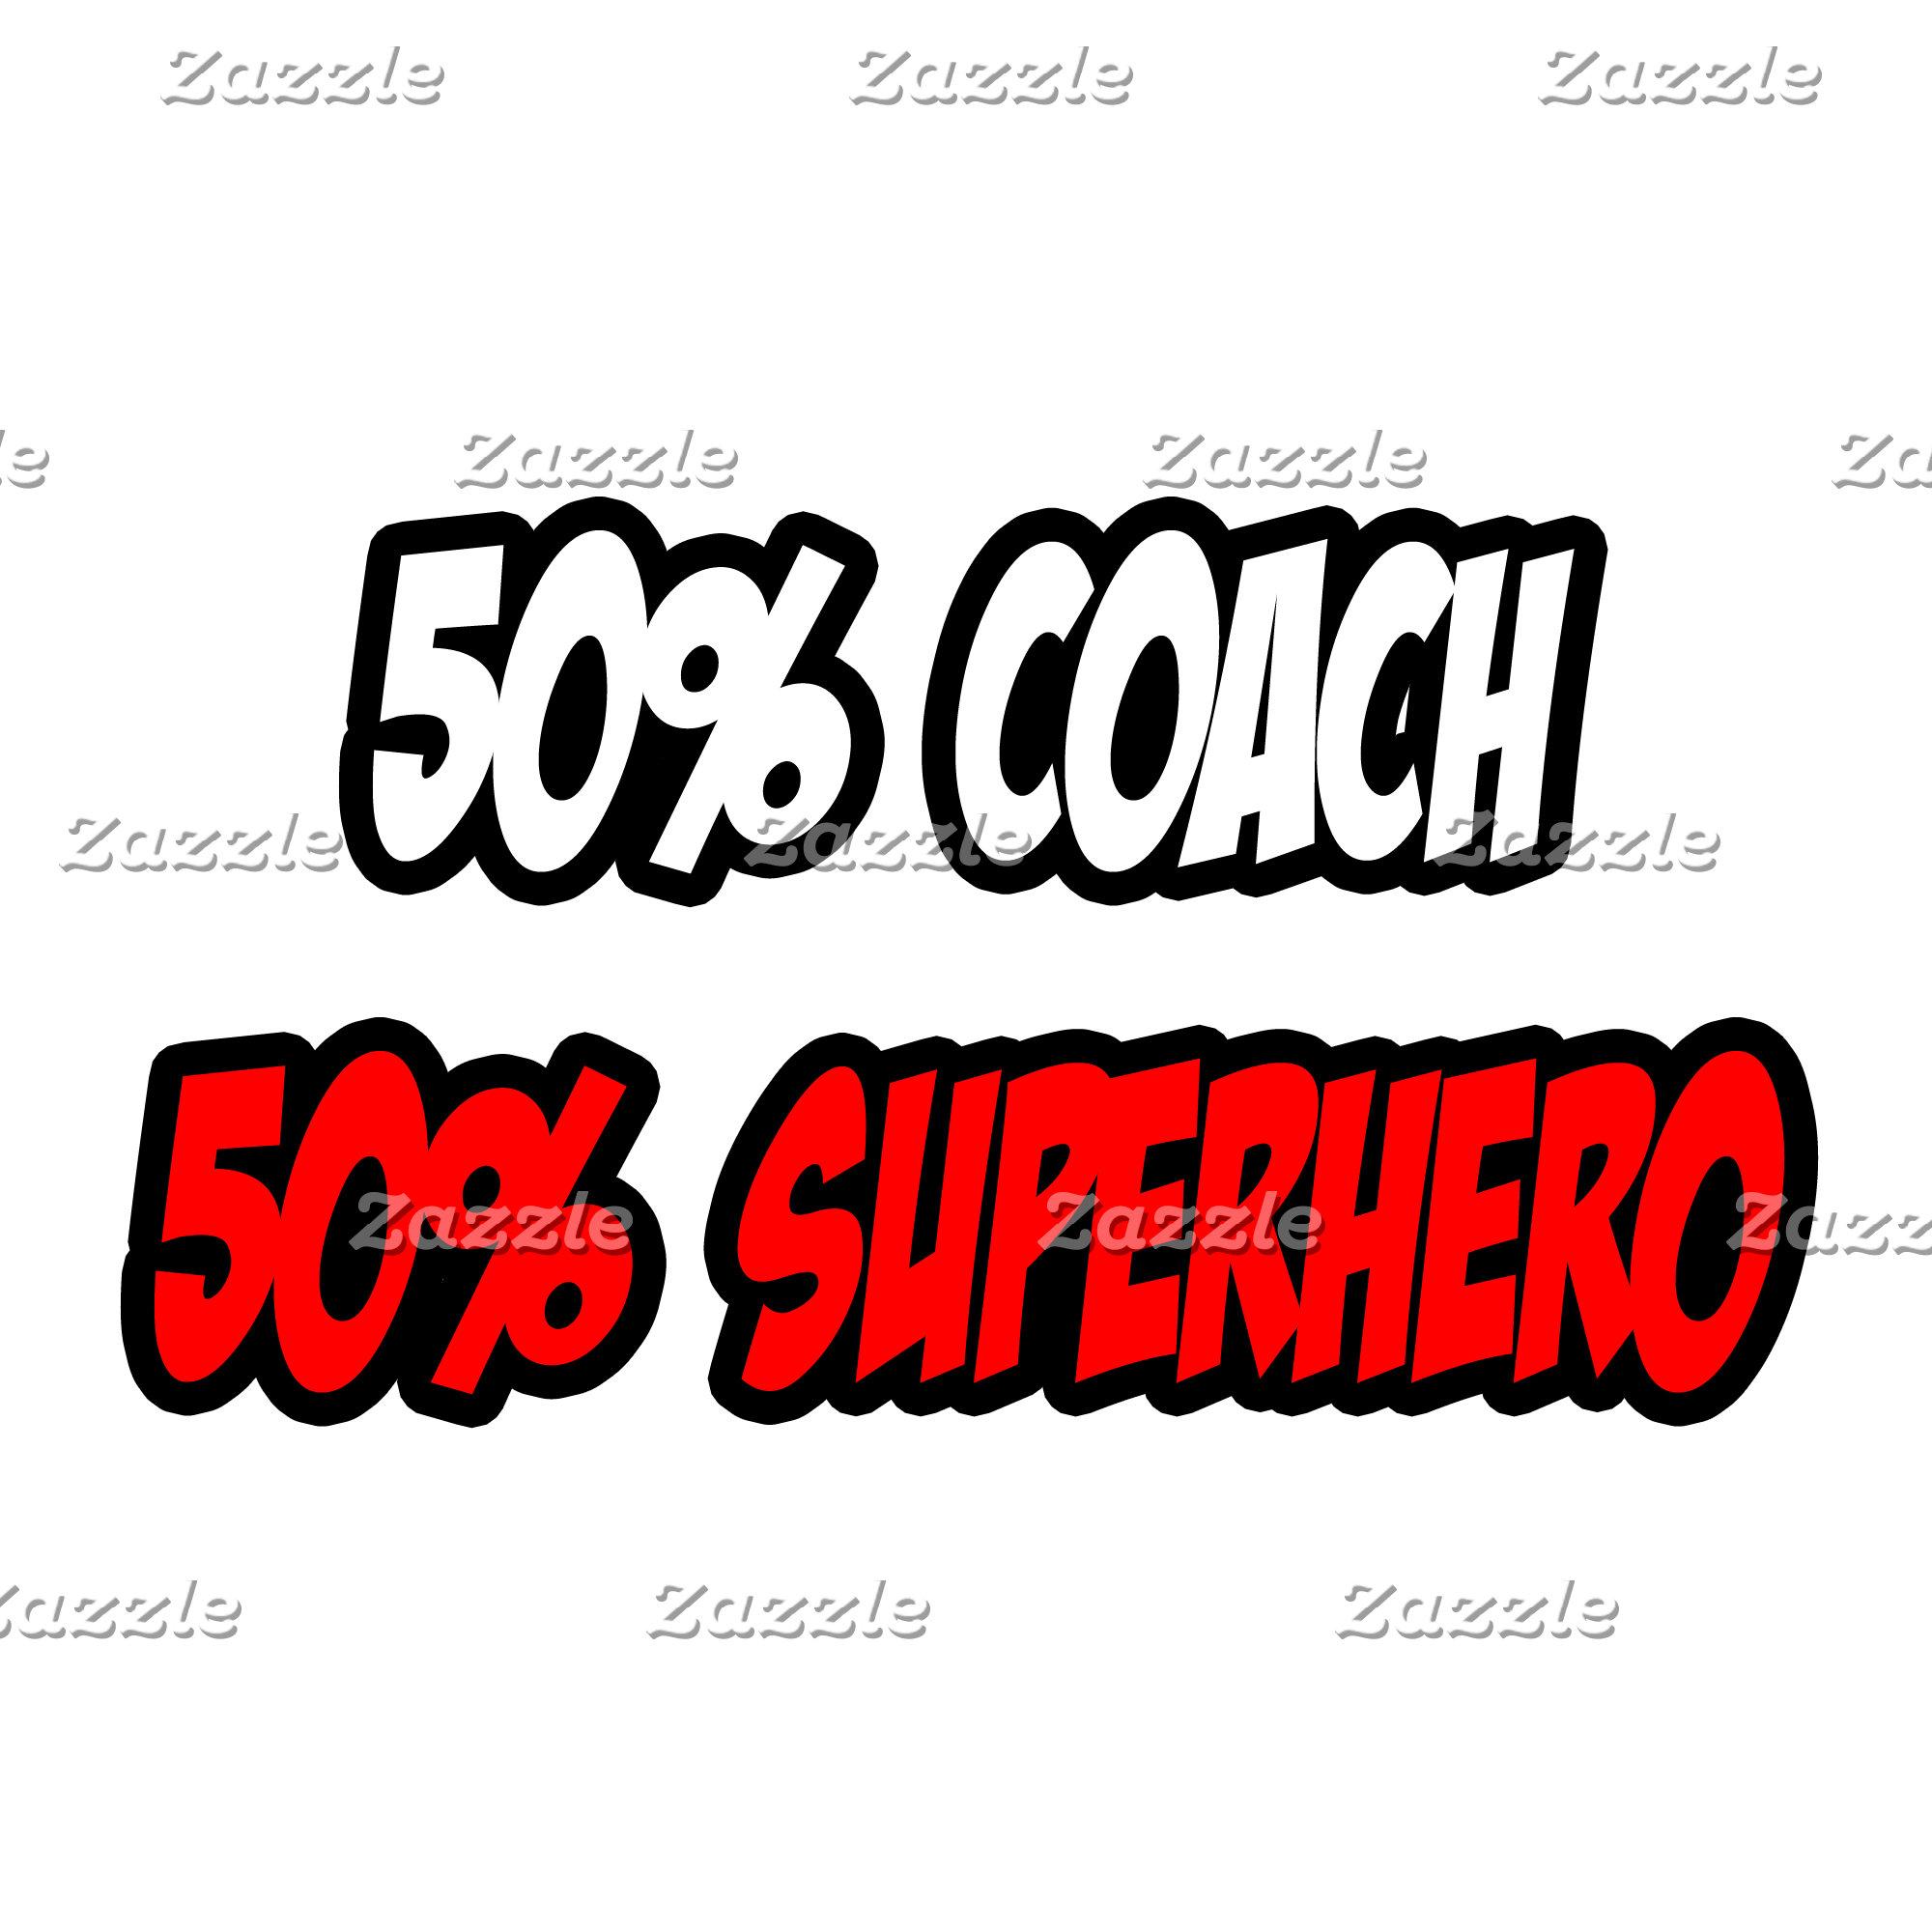 Half Coach...Half Superhero